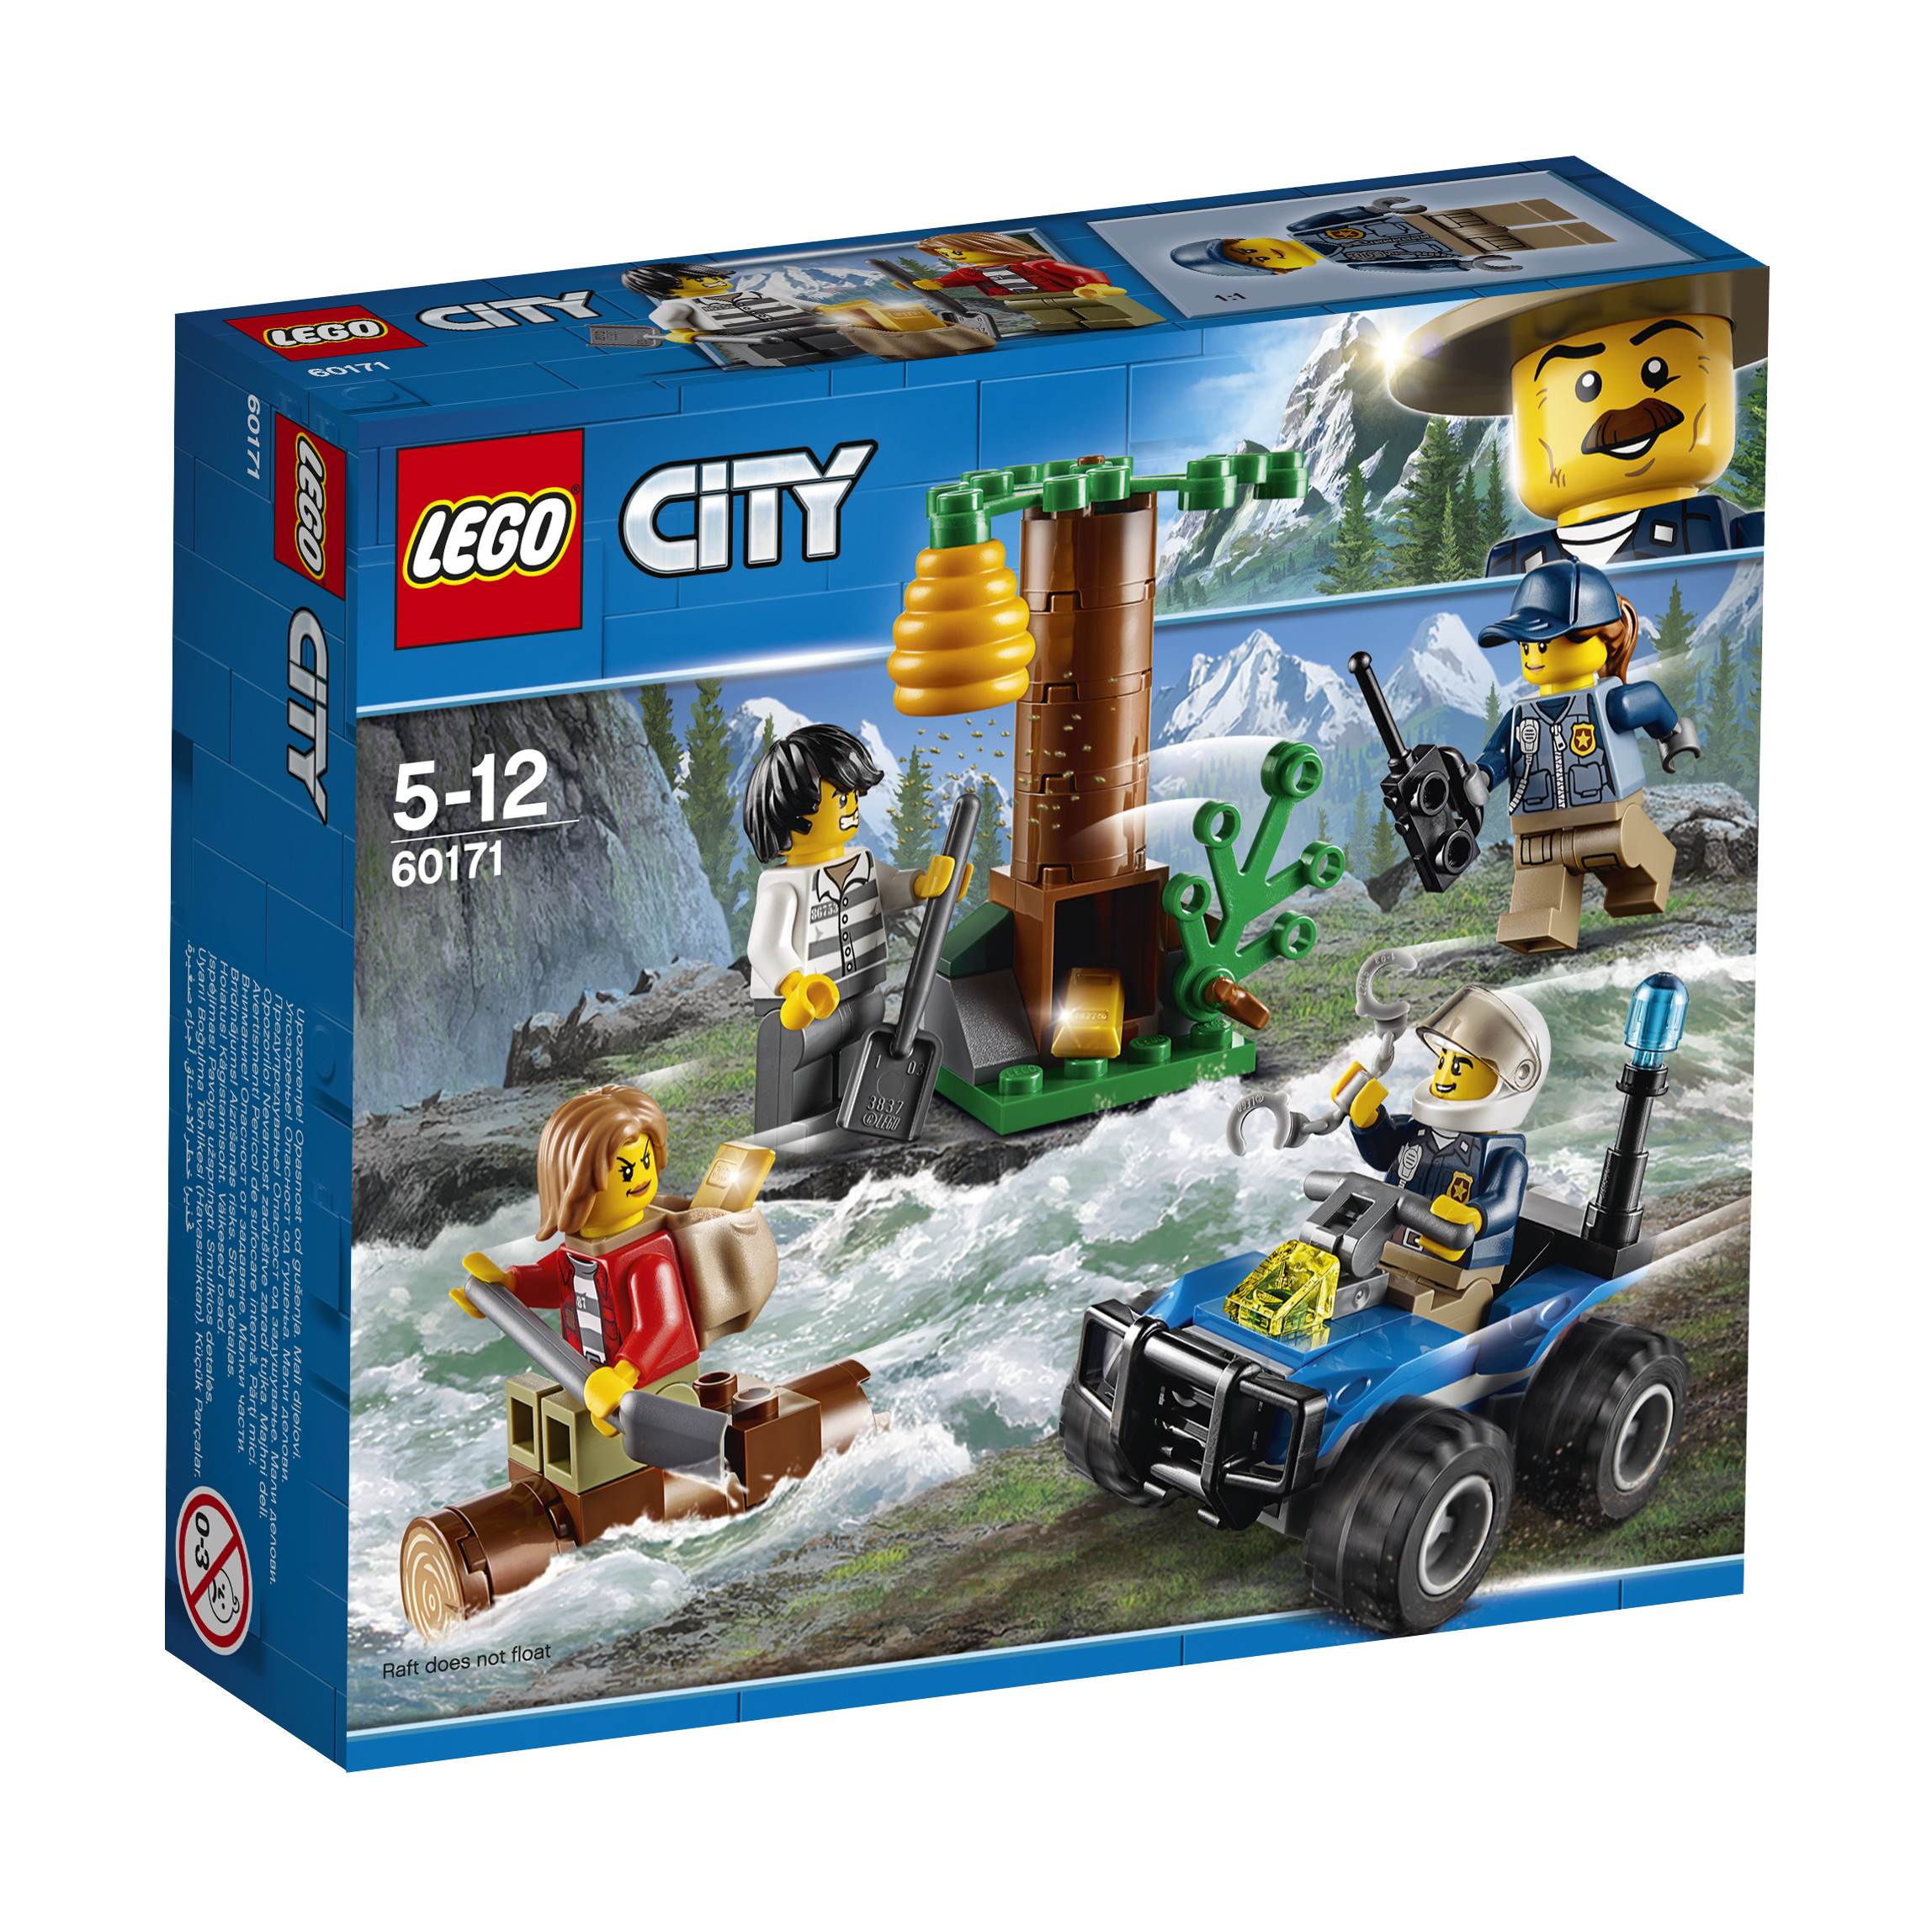 Конструктор LEGO City Police 60171 Убежище в горах конструктор lego city police 60174 полицейский участок в горах